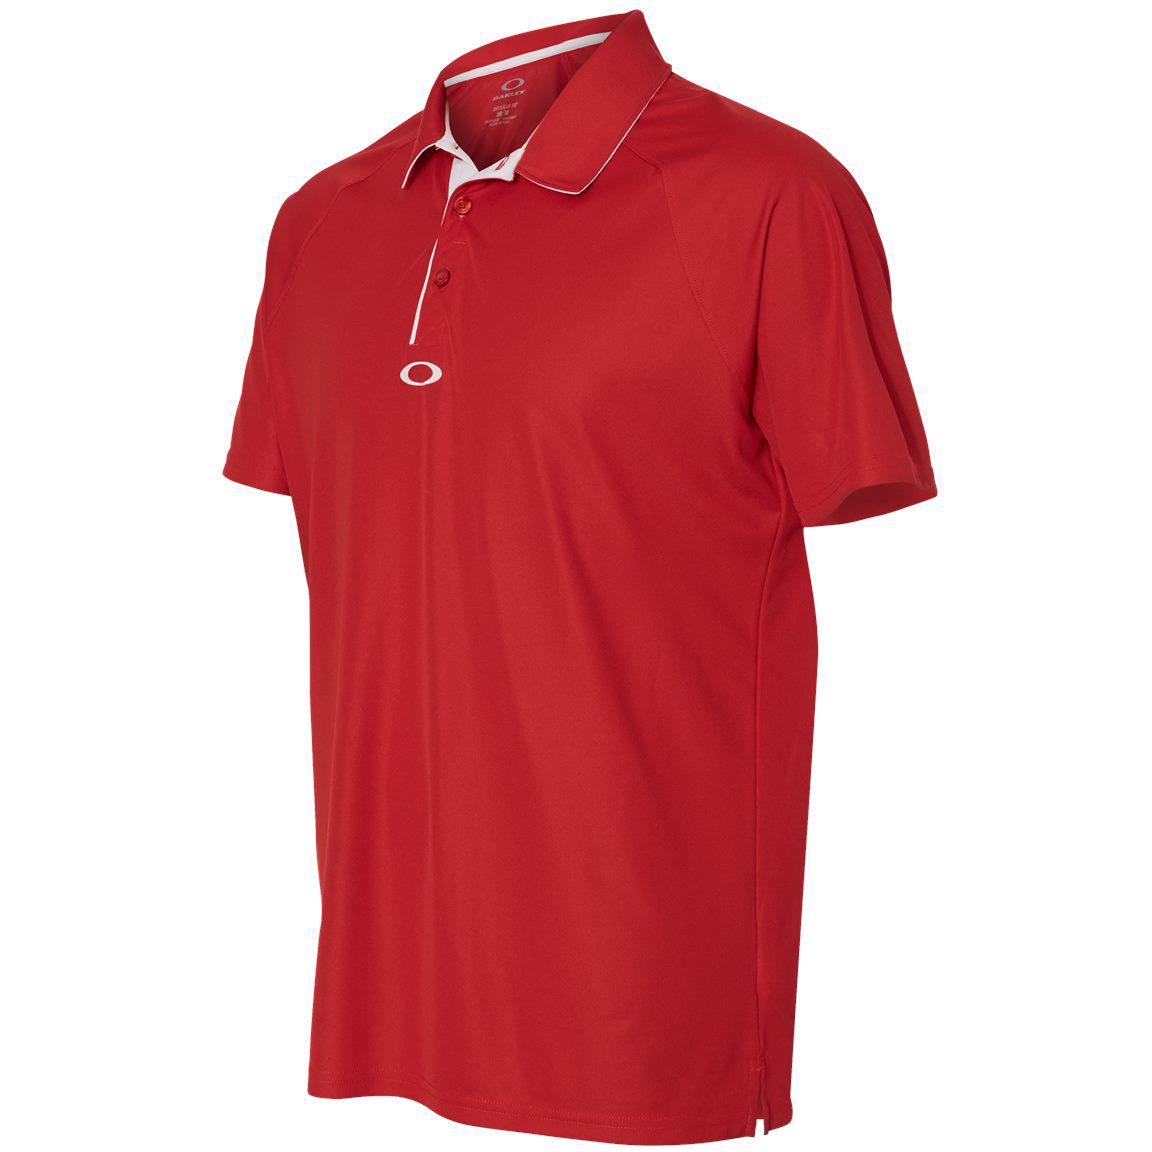 93596e4d50ae3 Oakley Fade Polo Red